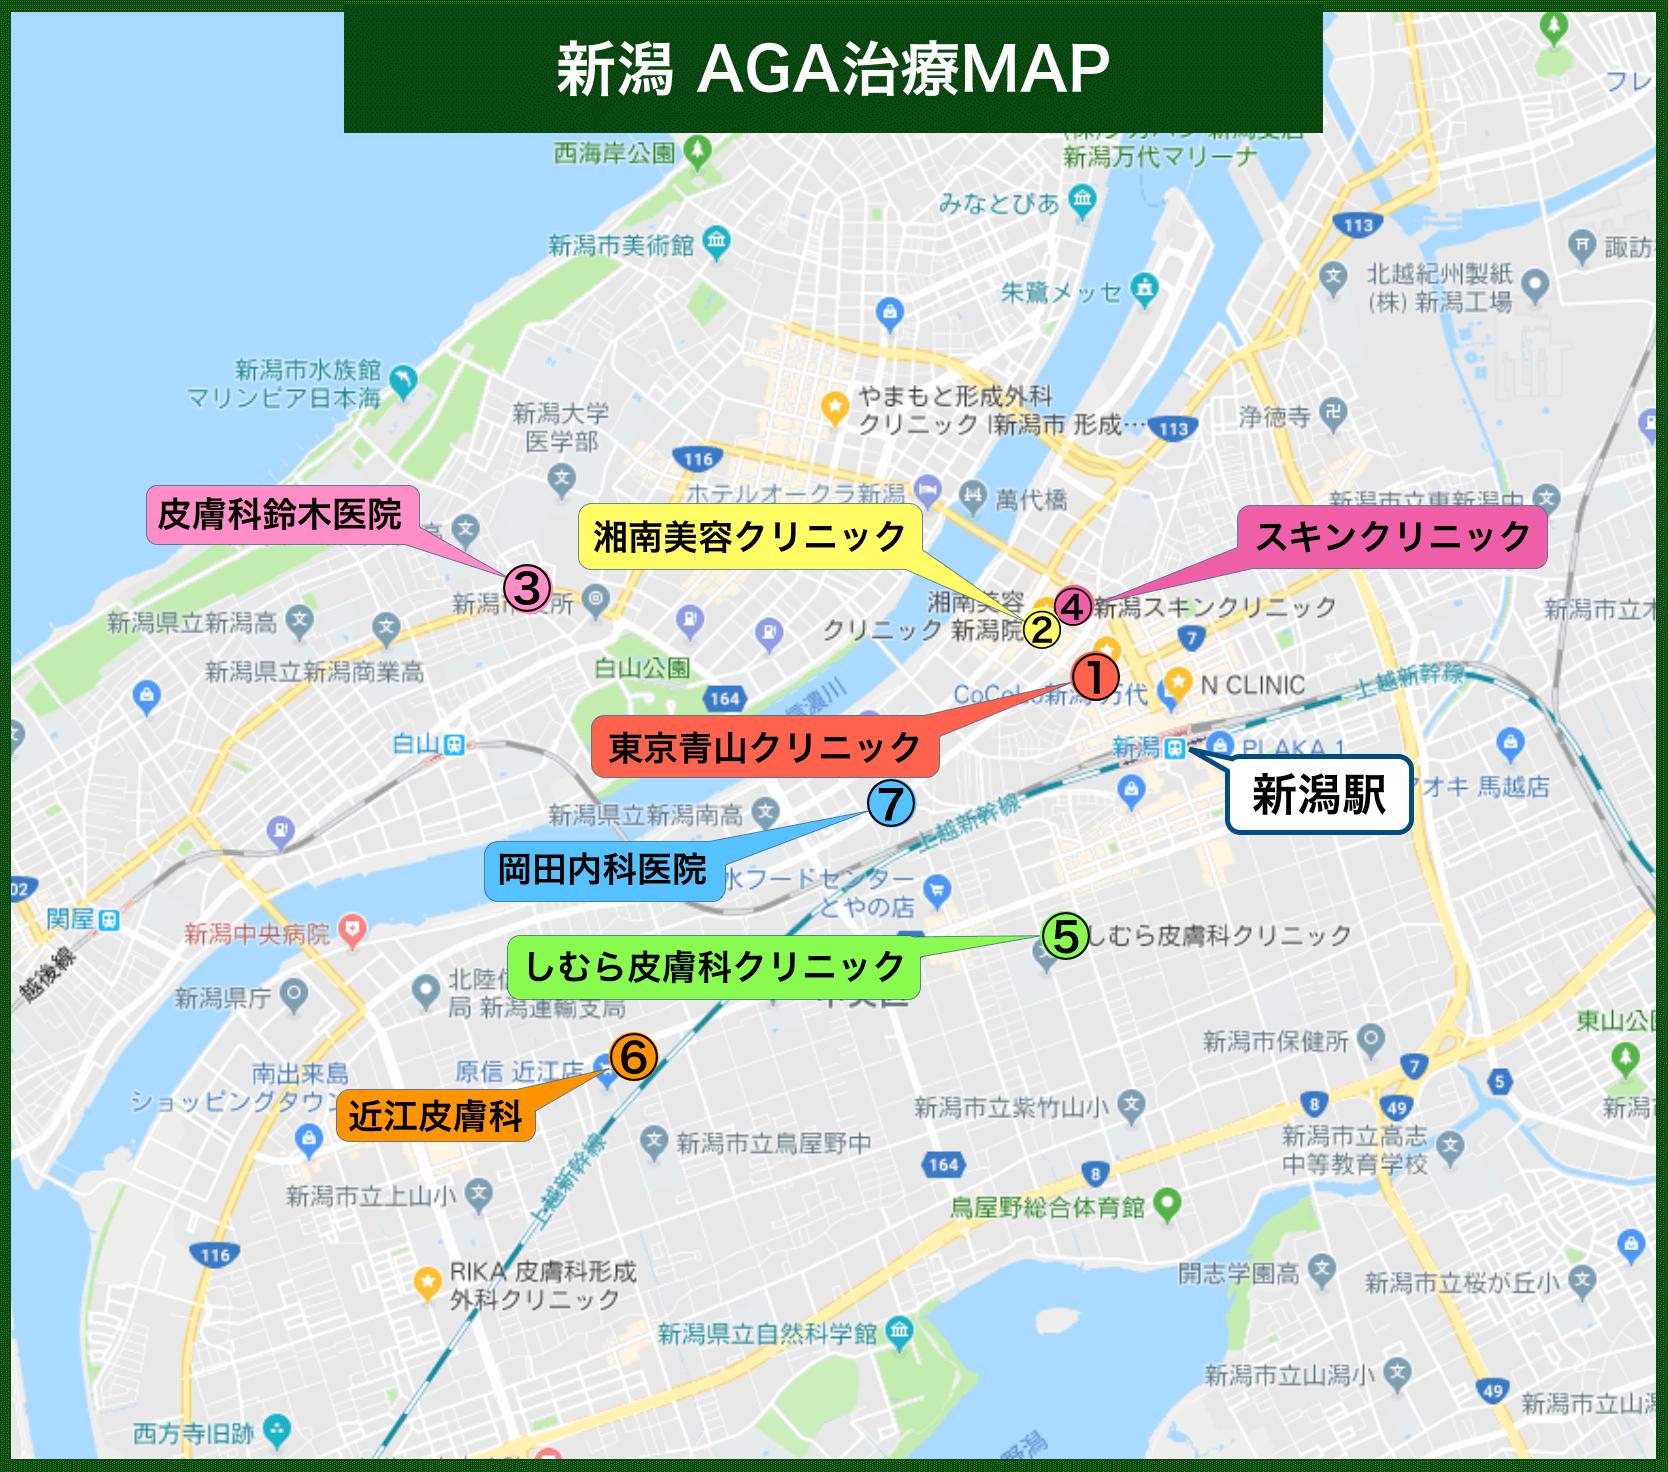 新潟AGA治療MAP(2019年11月版)